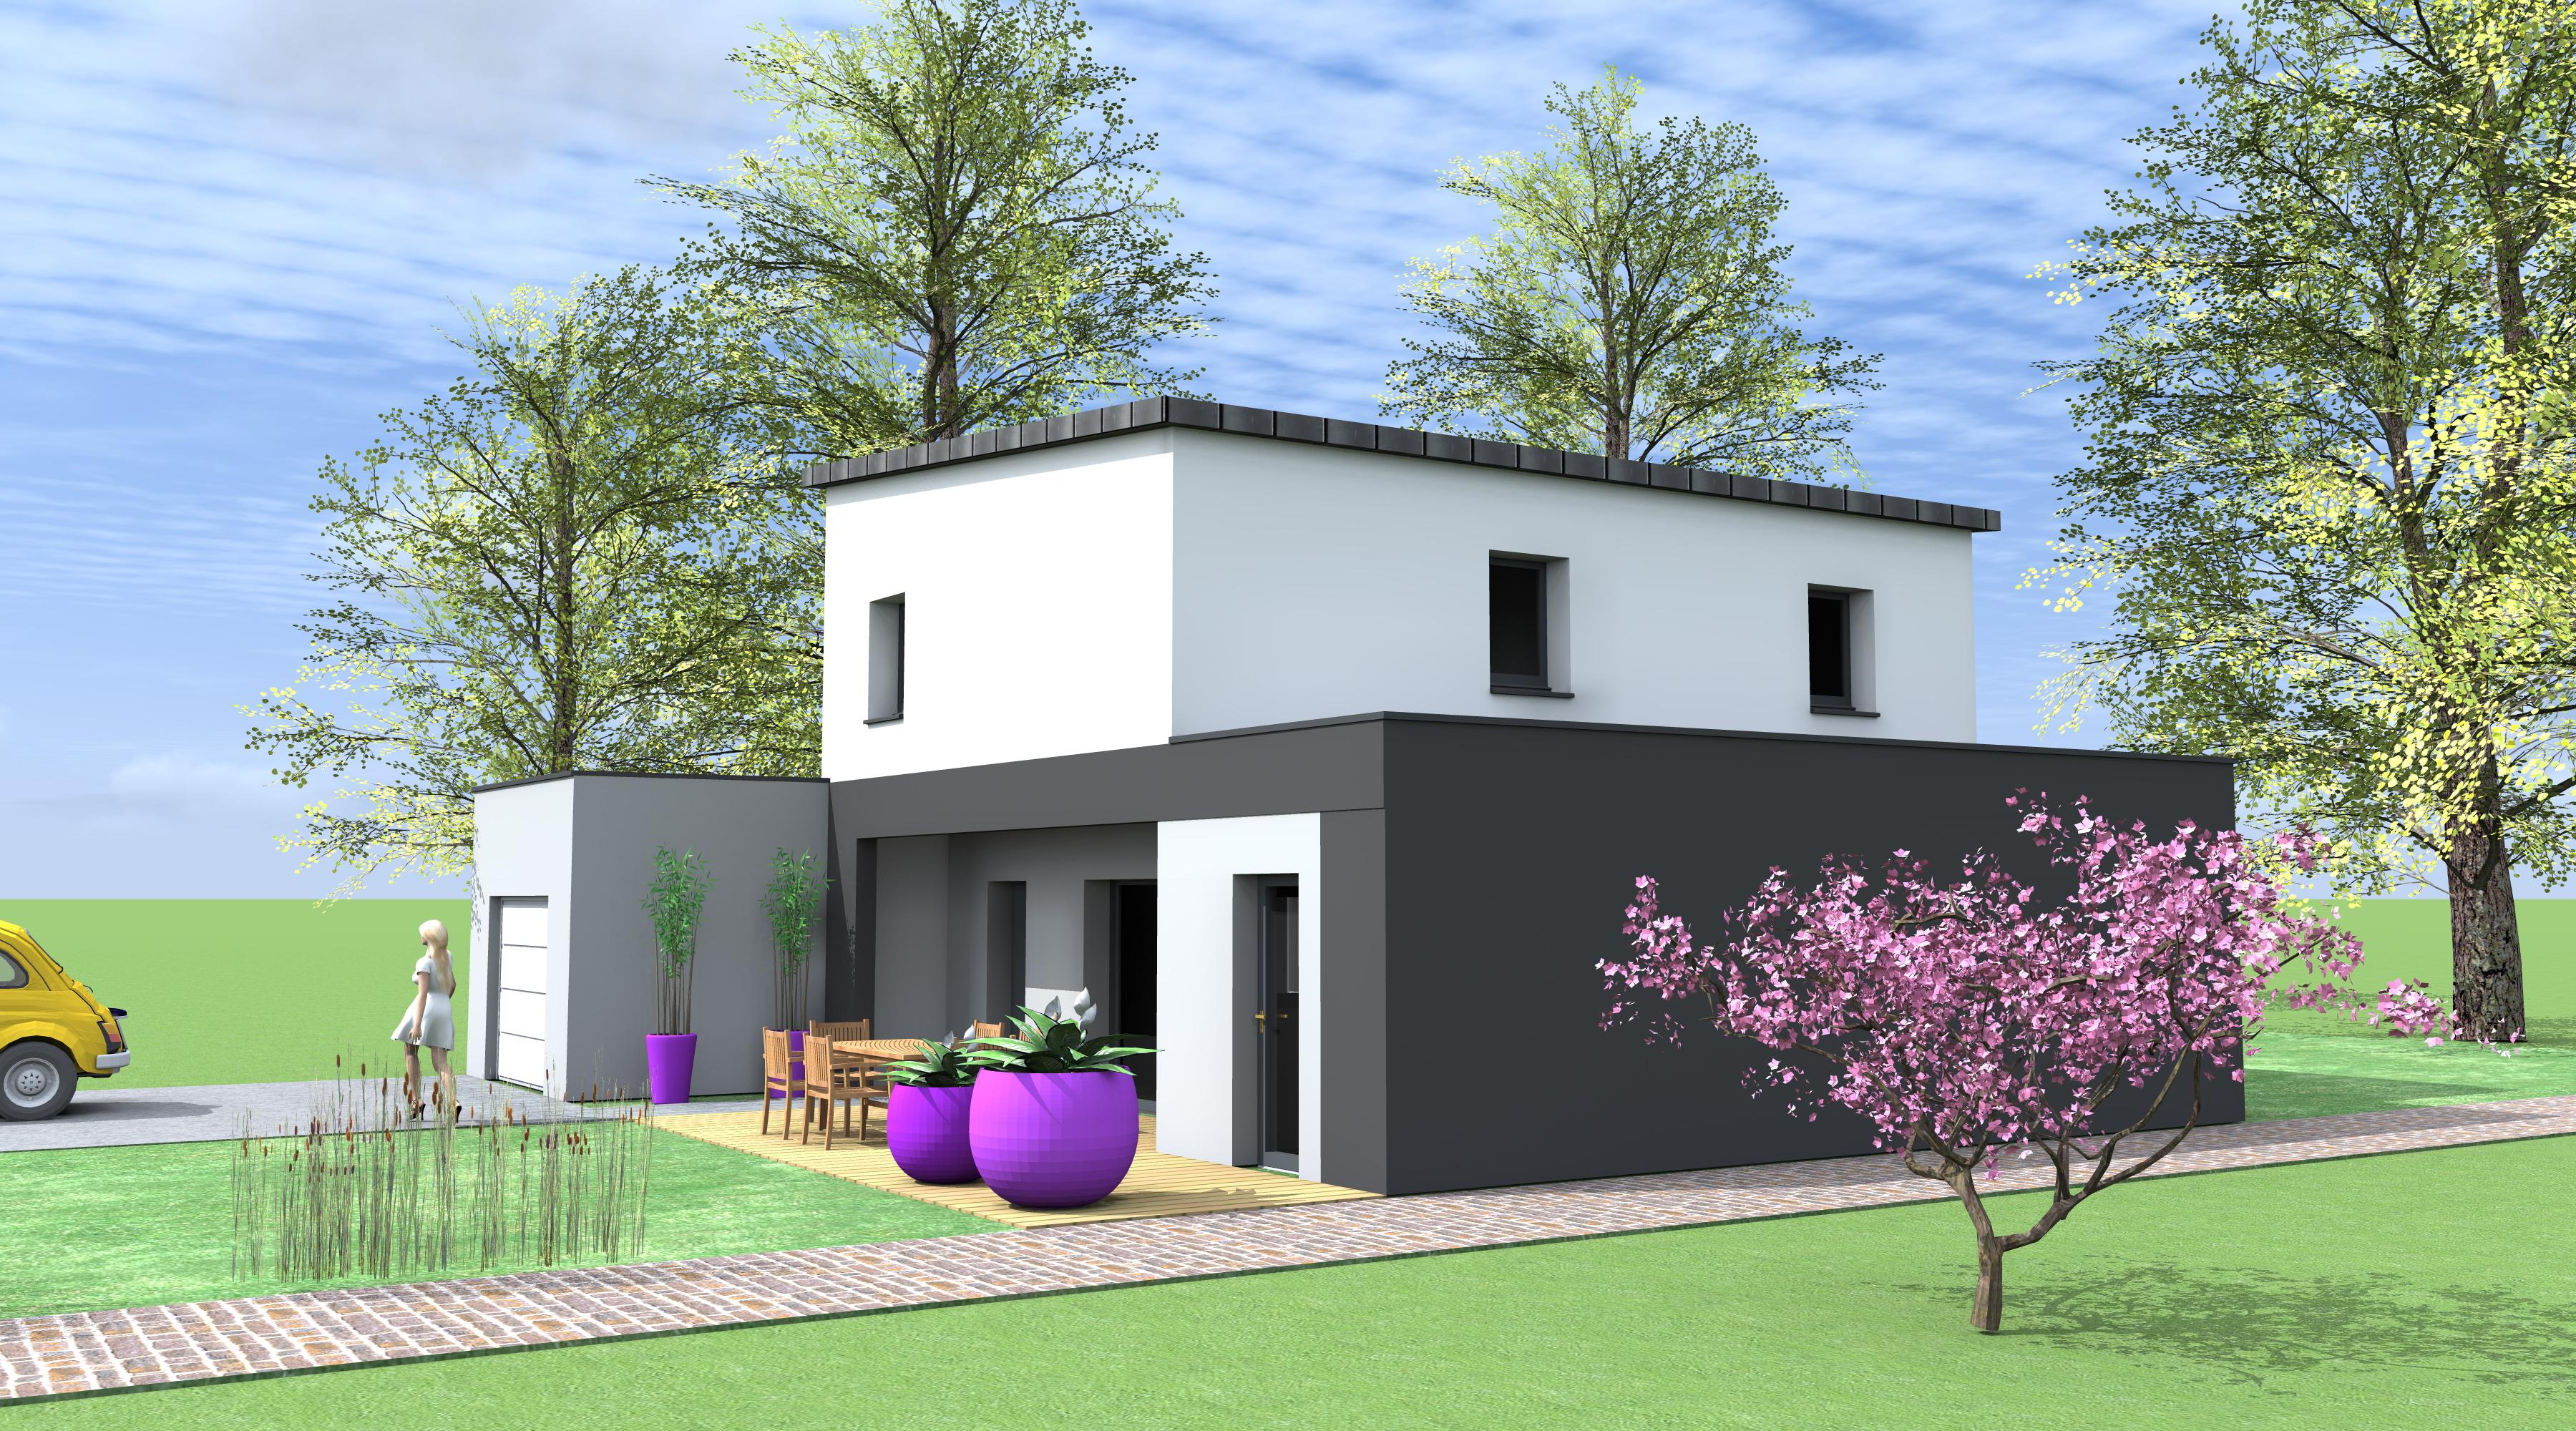 Projet h h 1 2 vue architecte lise roturier rennes for Projet maison moderne